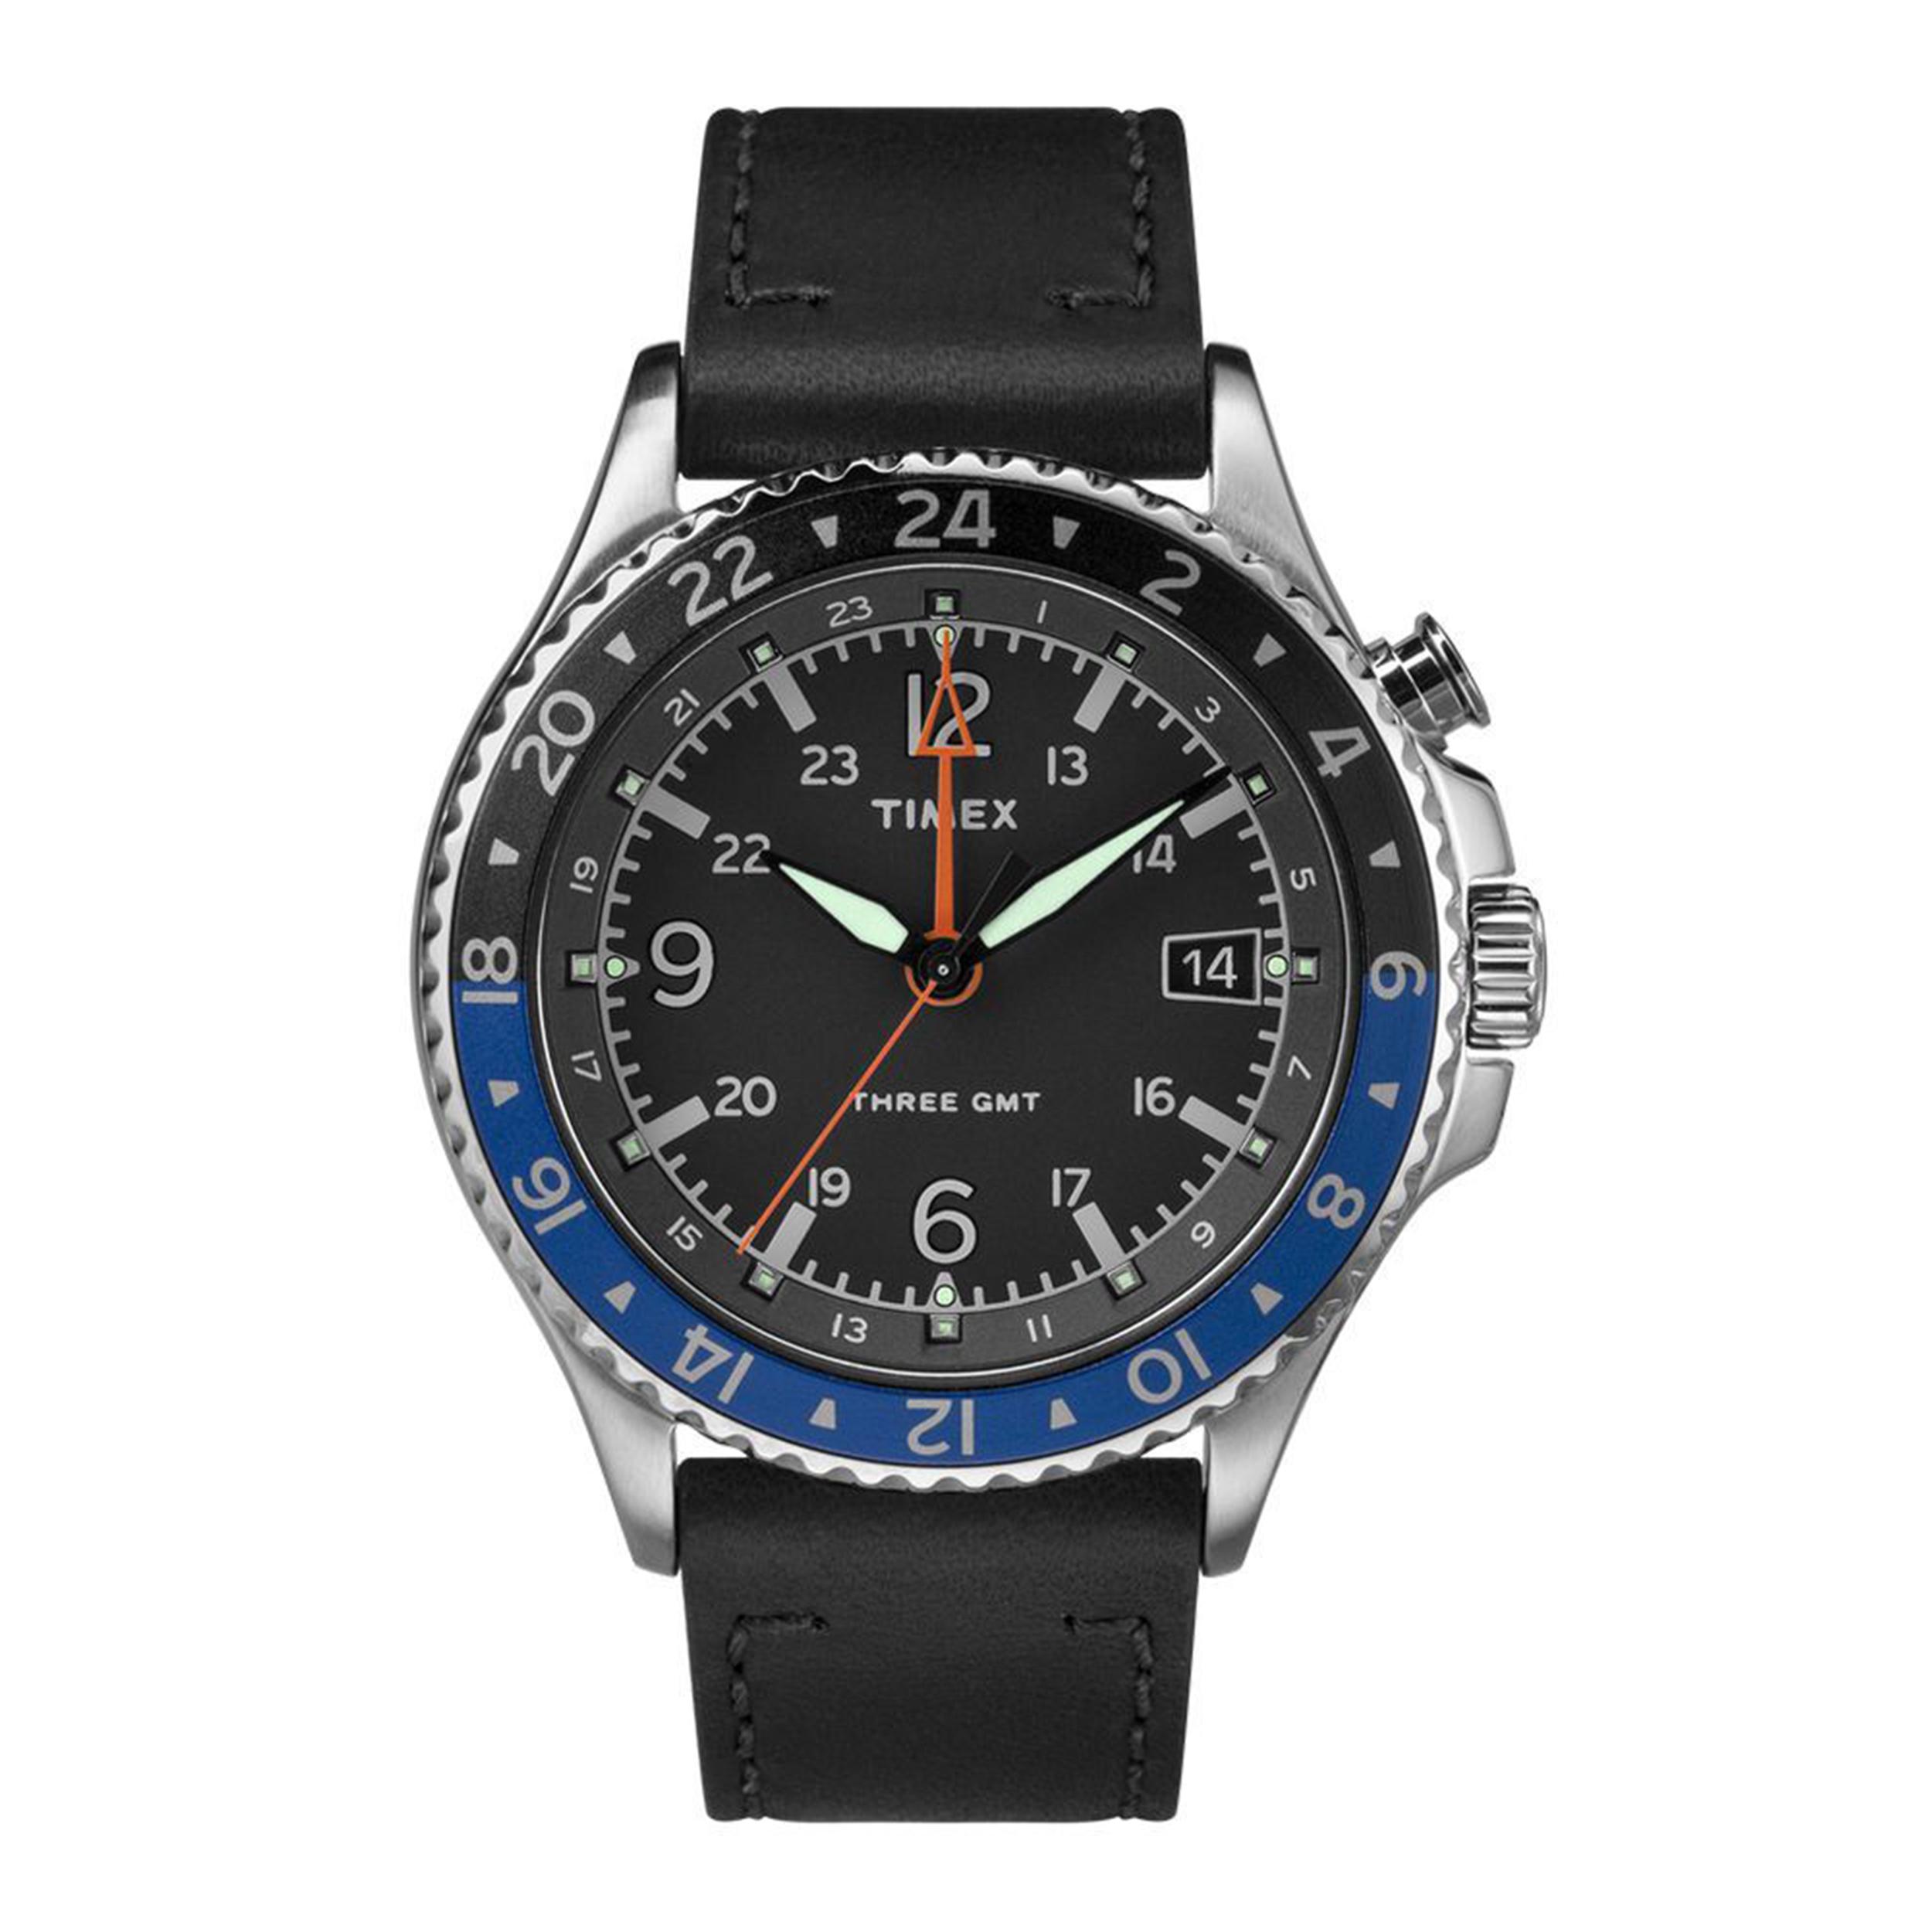 قیمت ساعت مچی عقربه ای مردانه تایمکس مدل TW2R43600              خرید (⭐️⭐️⭐️)